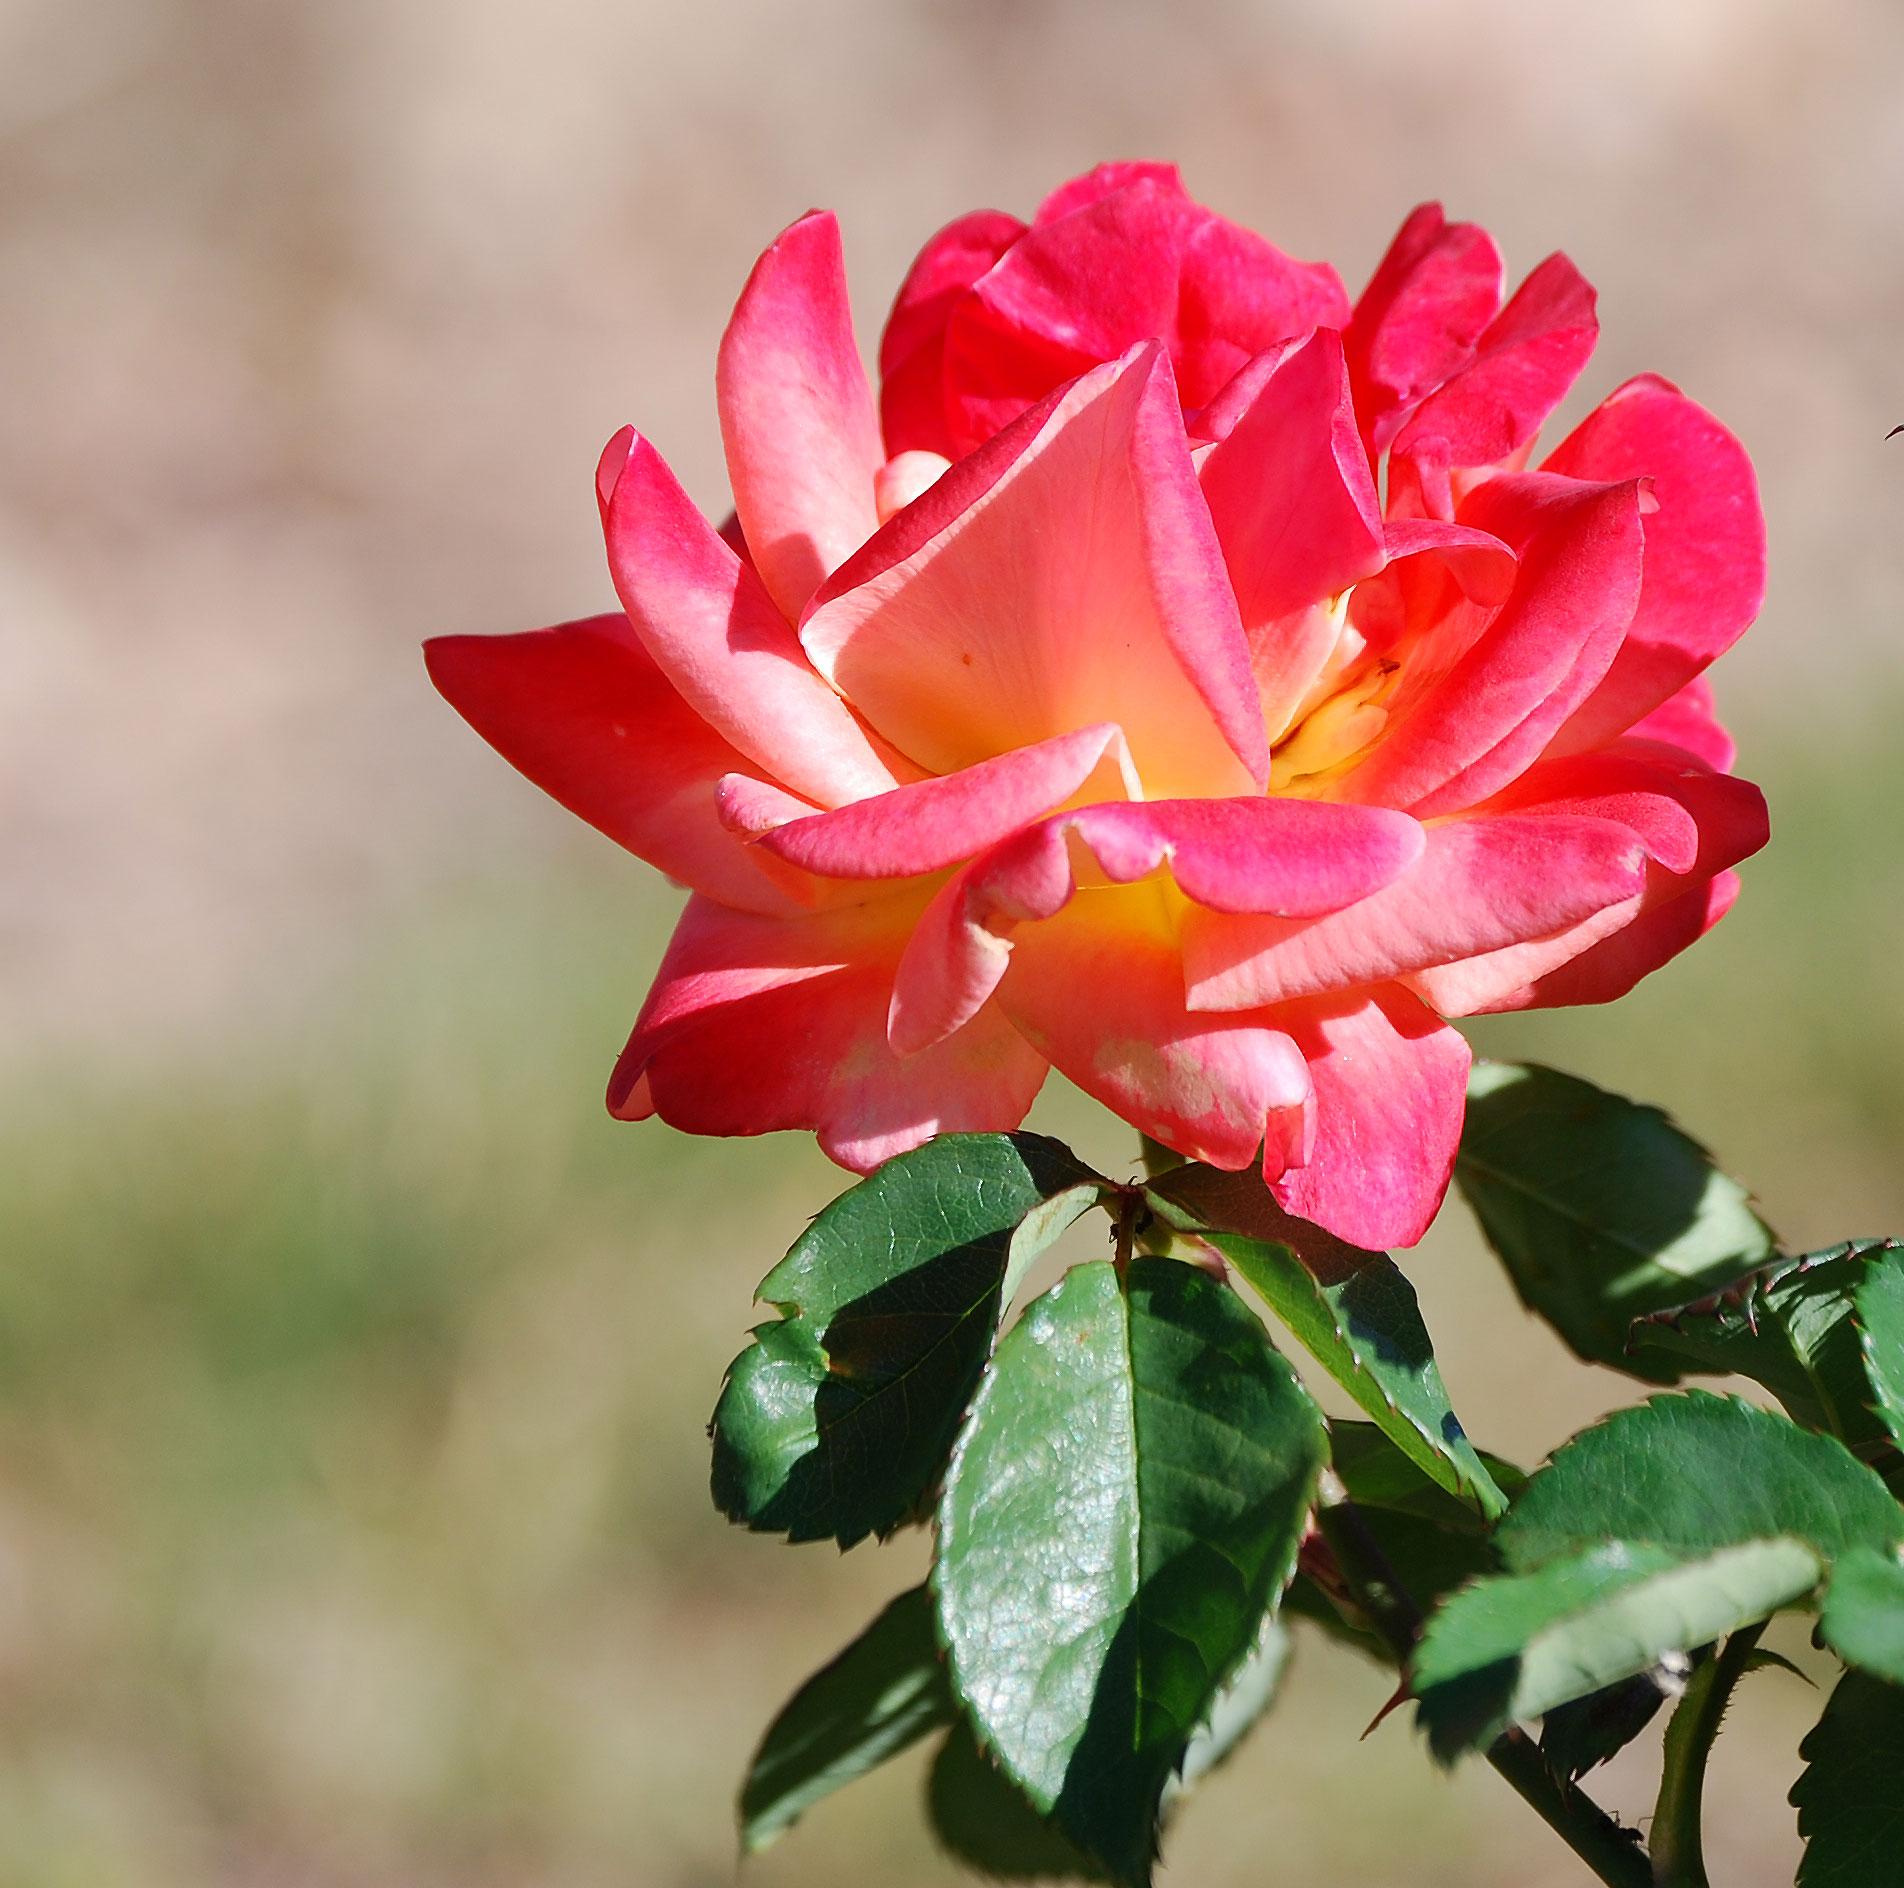 Léčivé a zkrášlující recepty z růží